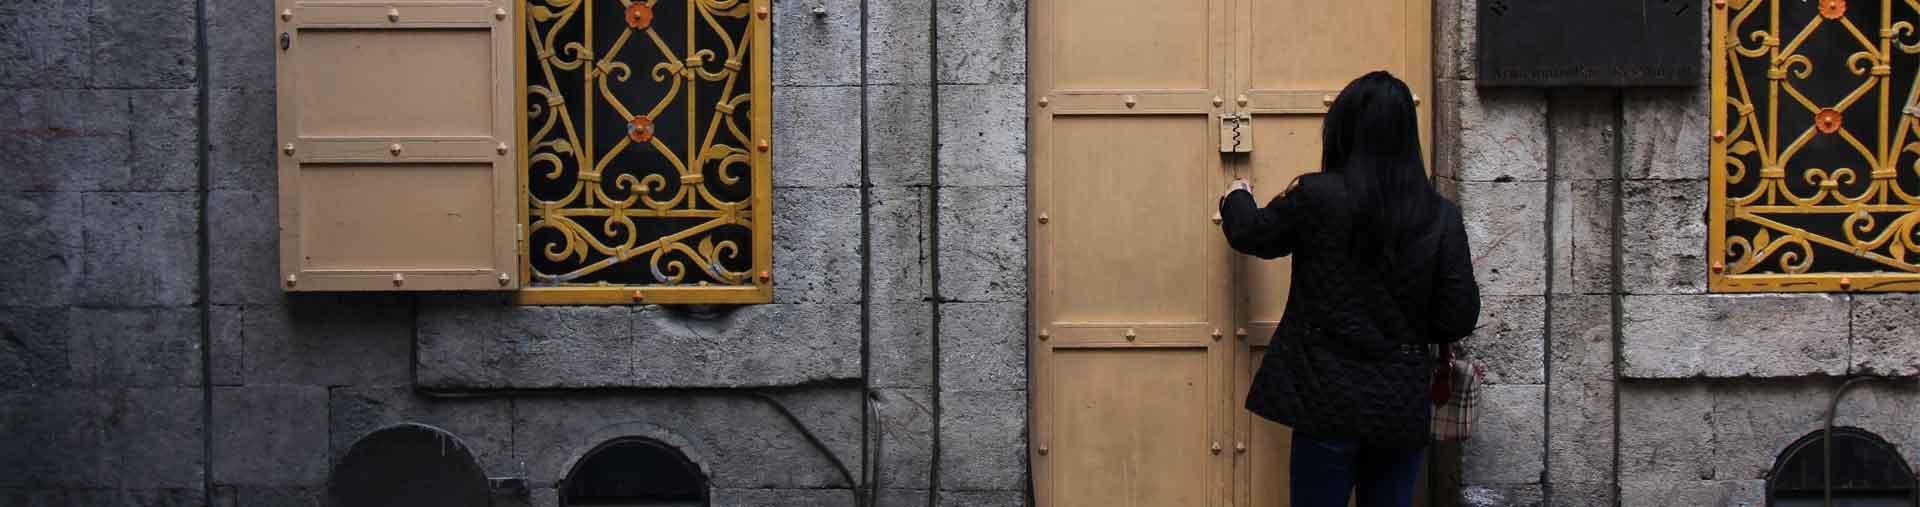 הכניסה הארמנית